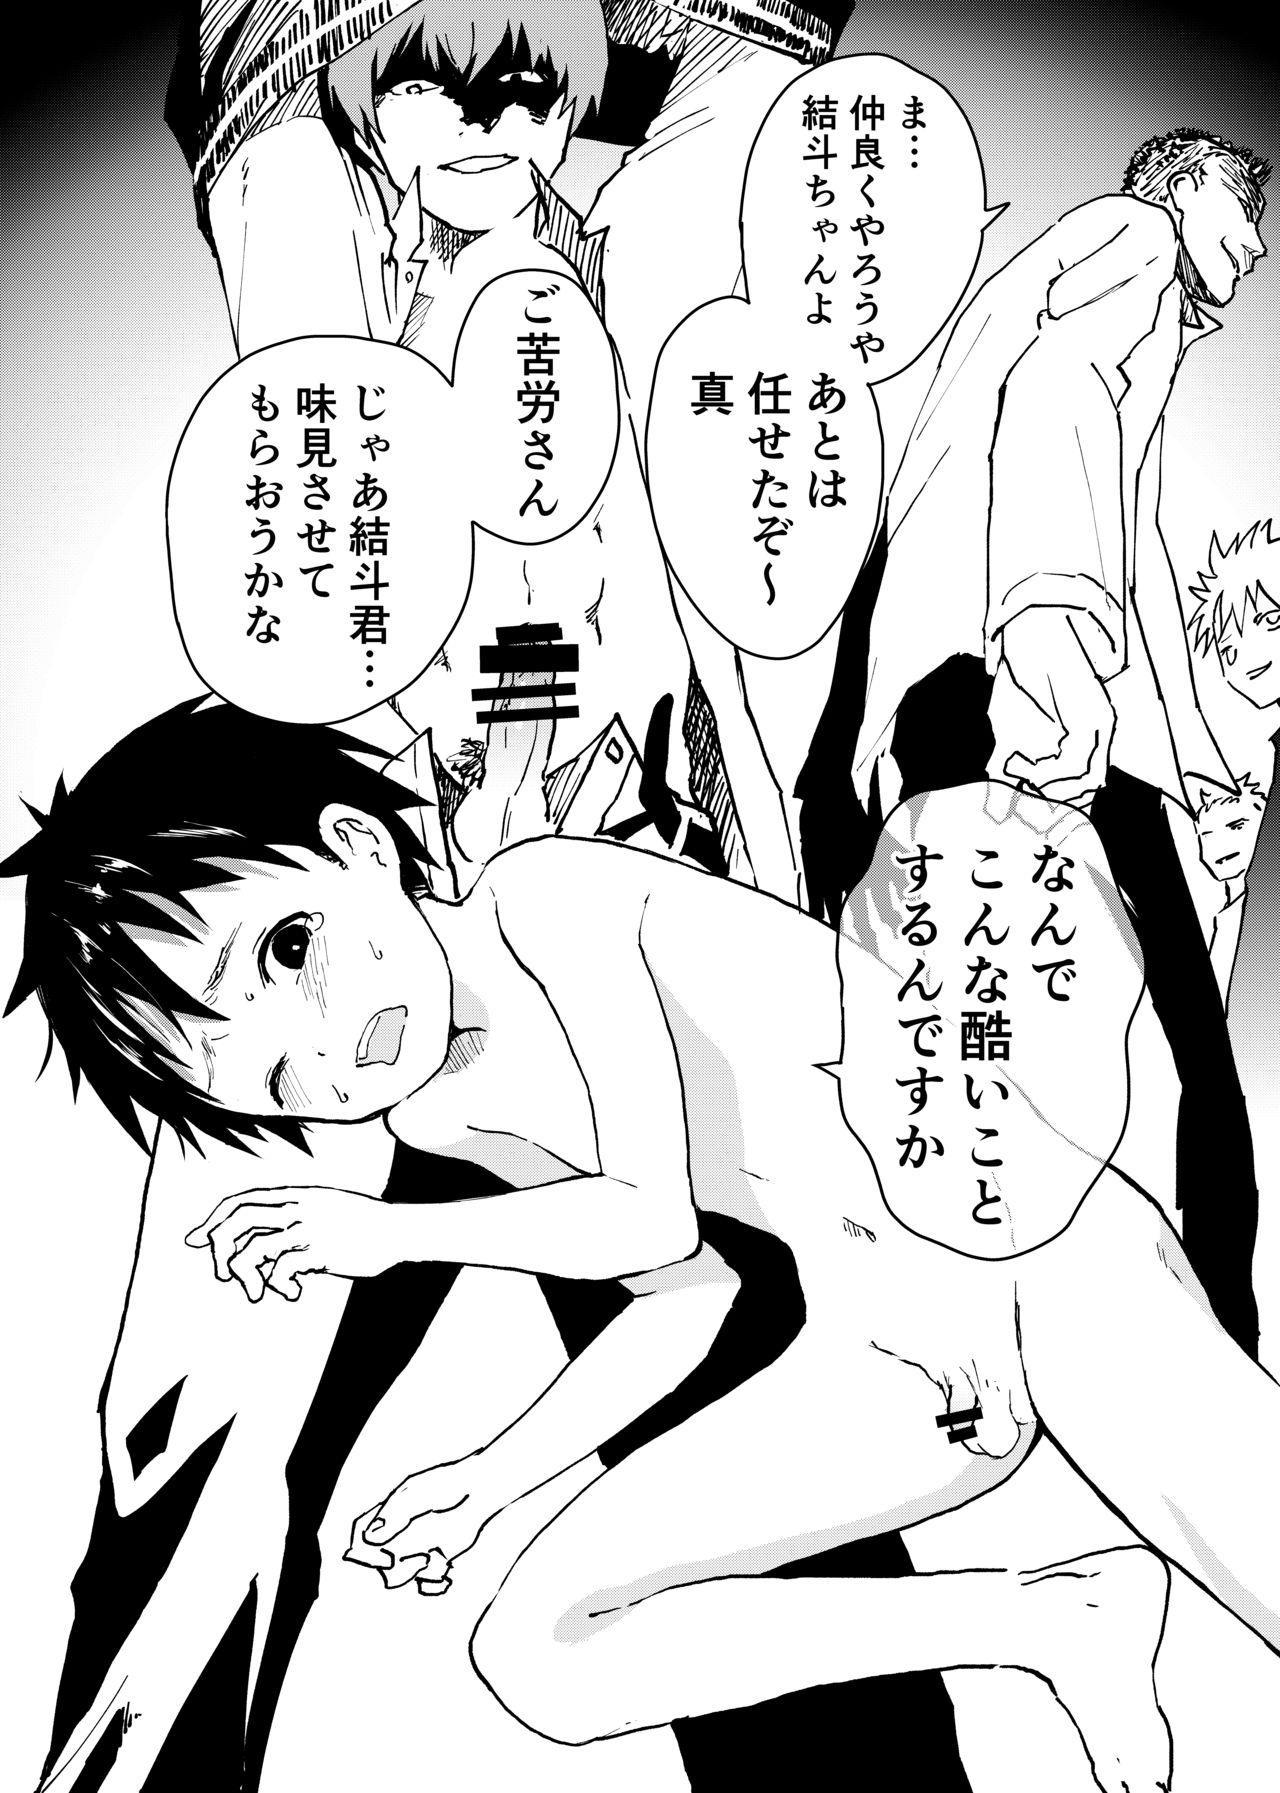 Ibasho ga Nainode Kami-machi Shite Mita Suterareta Shounen no Eromanga 24